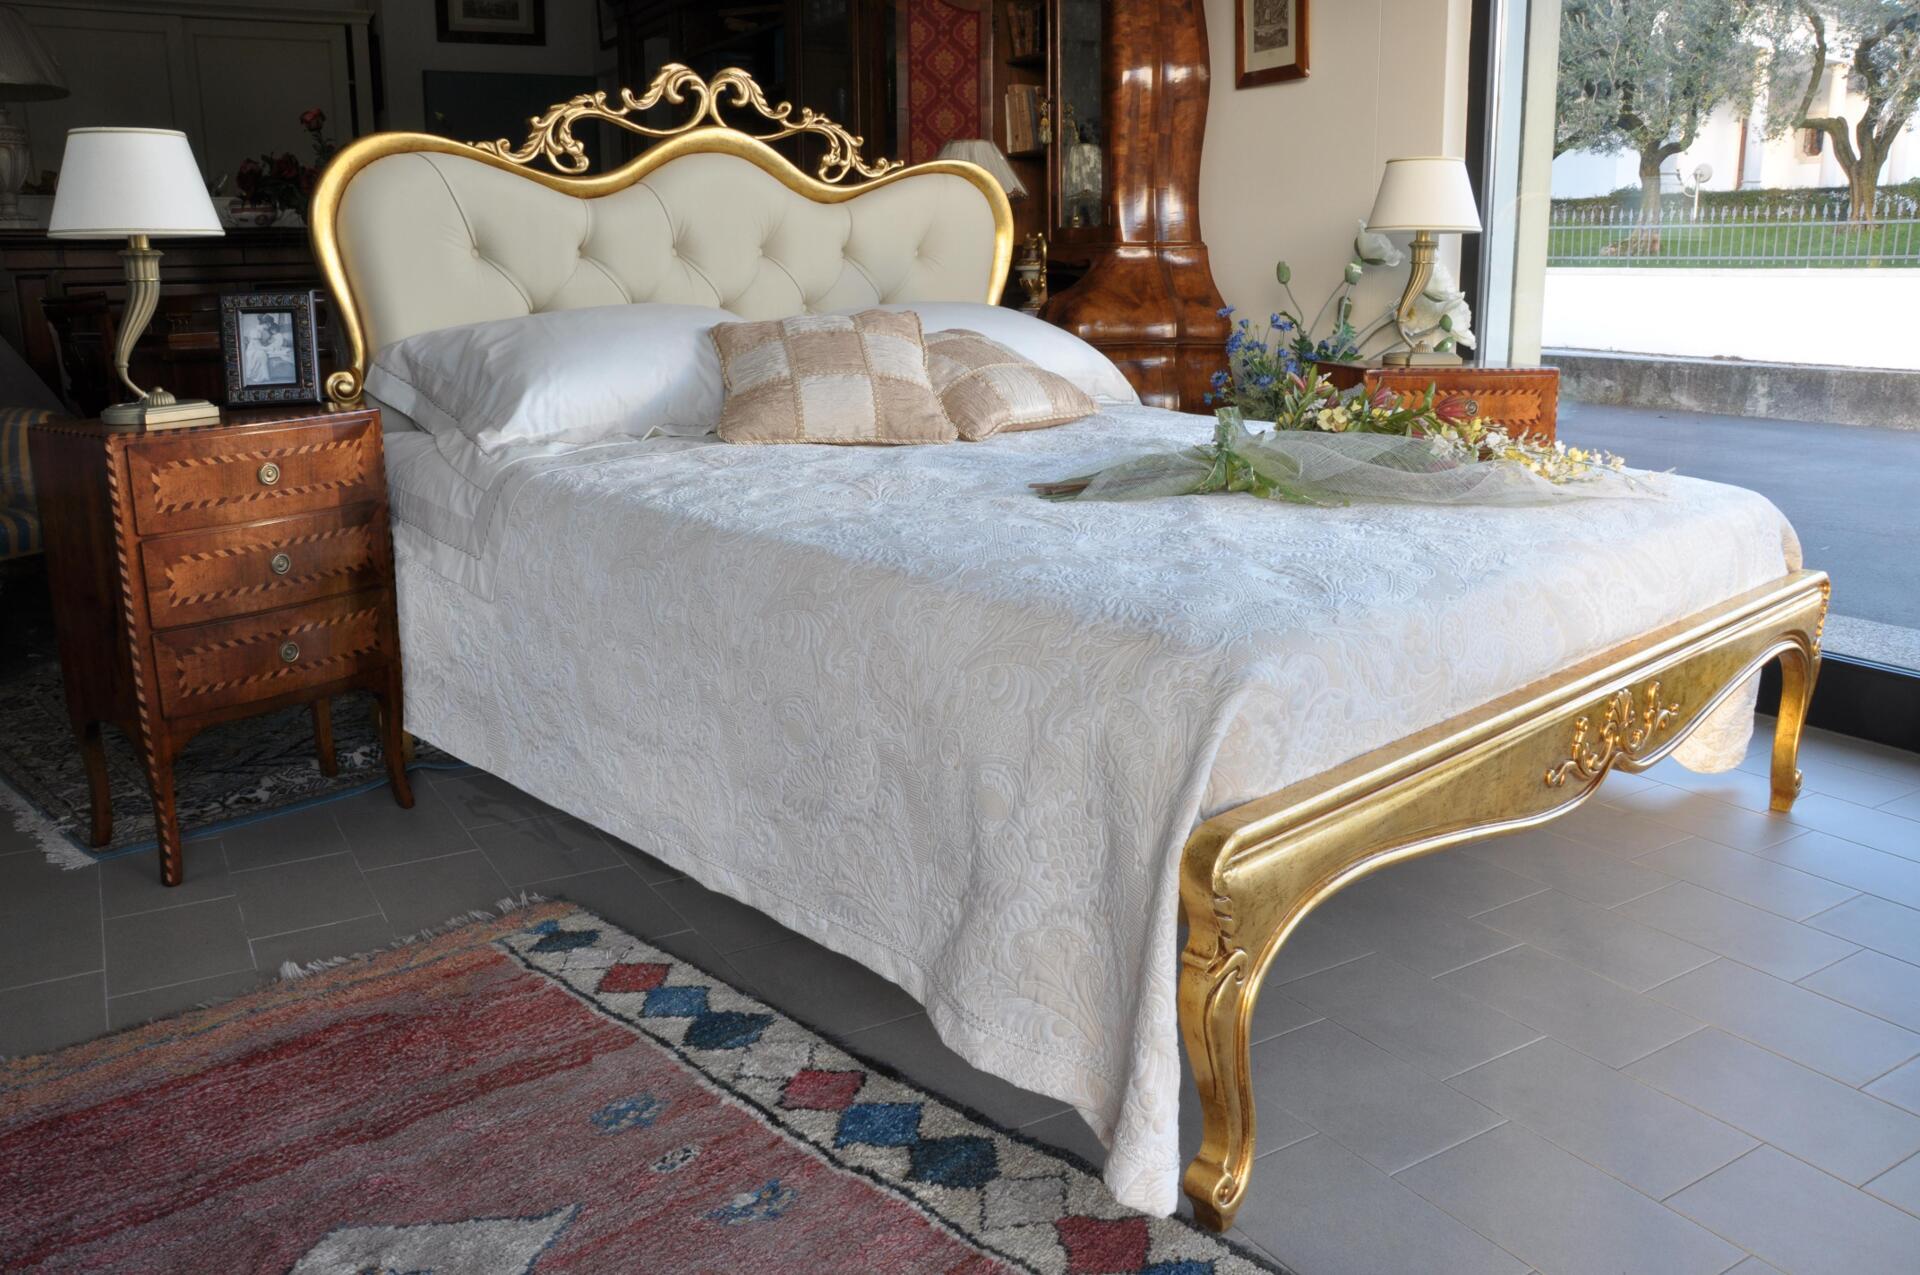 Letti Di Lusso In Pelle : Letto matrimoniale di lusso in stile classico luigi xv mobili